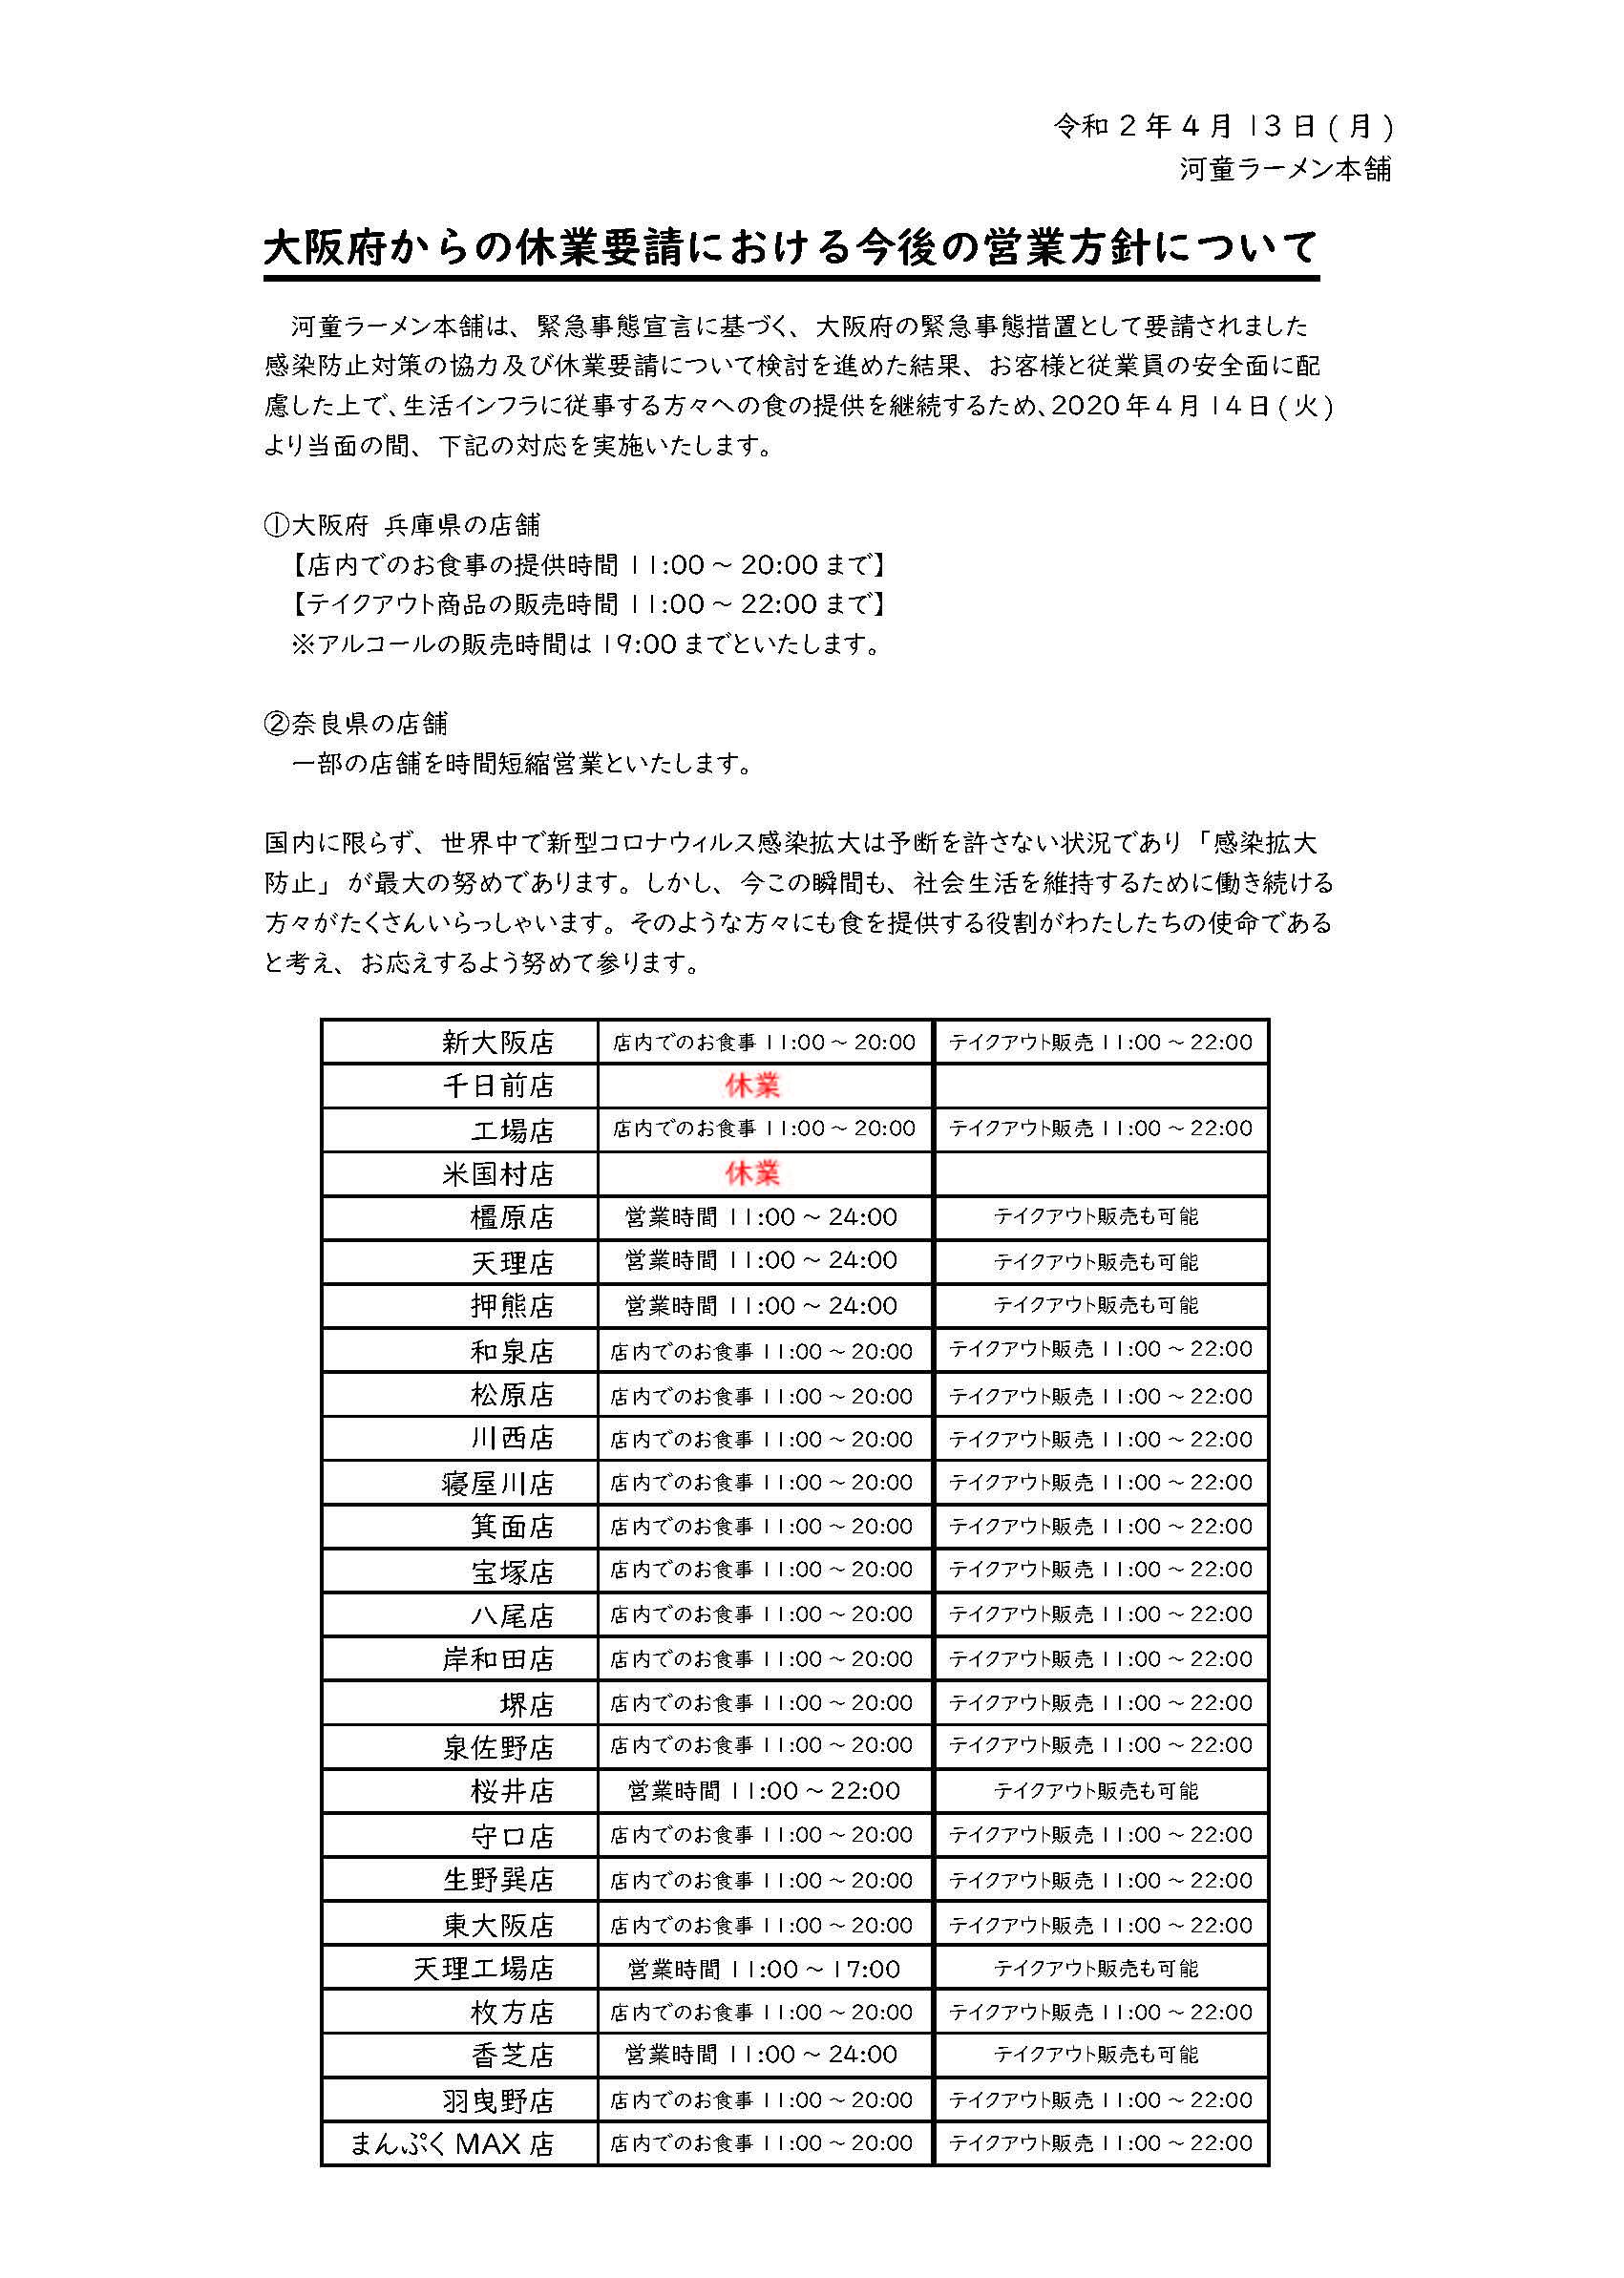 大阪府の休業要請における営業時間の変更についての画像